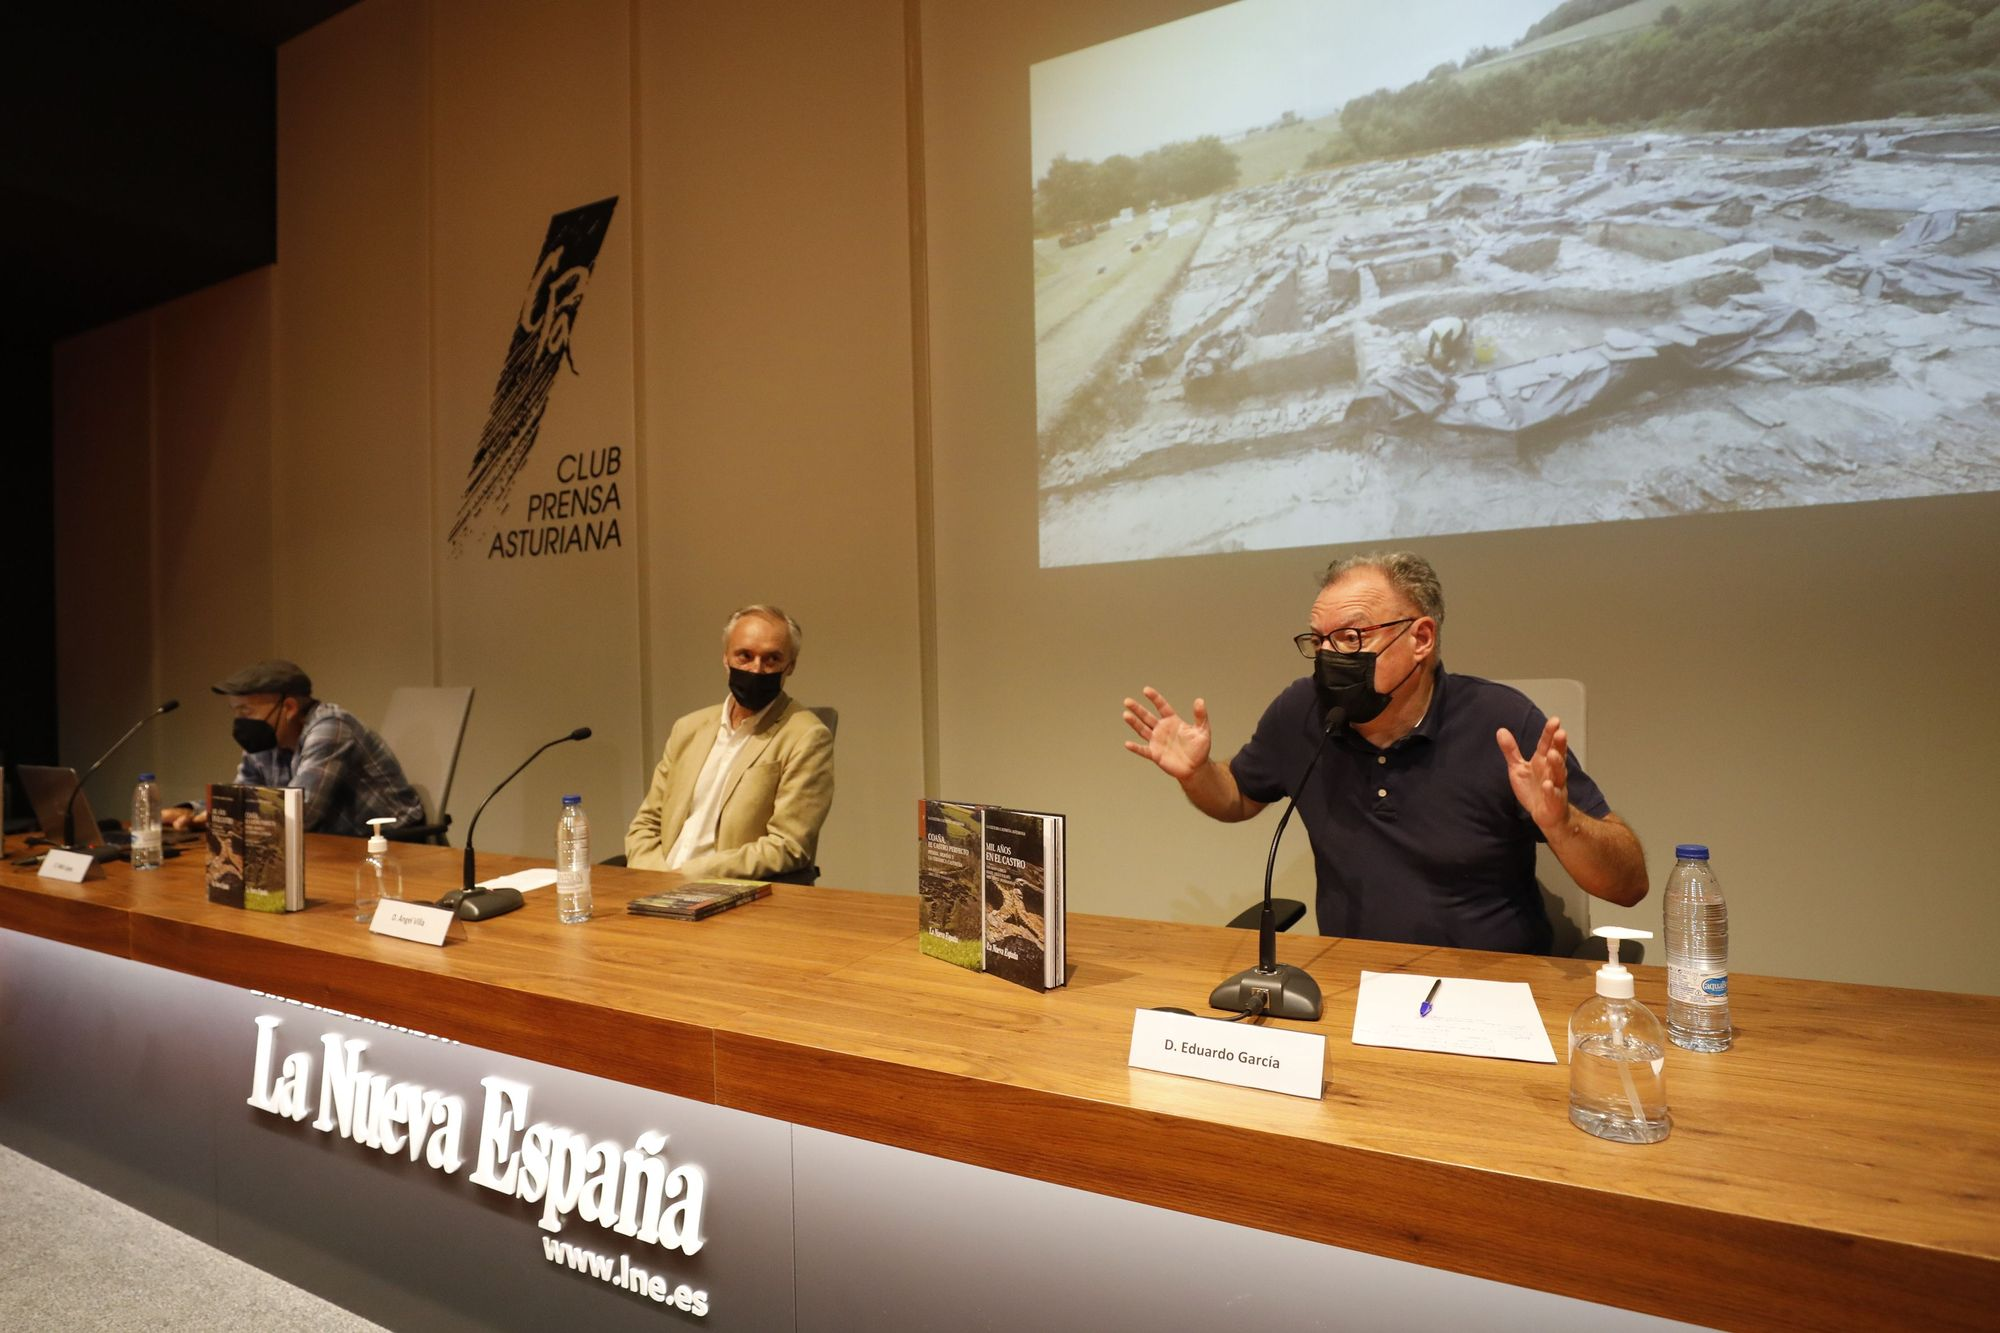 Presentación de la colección de libros sobre castros de LA NUEVA ESPAÑA